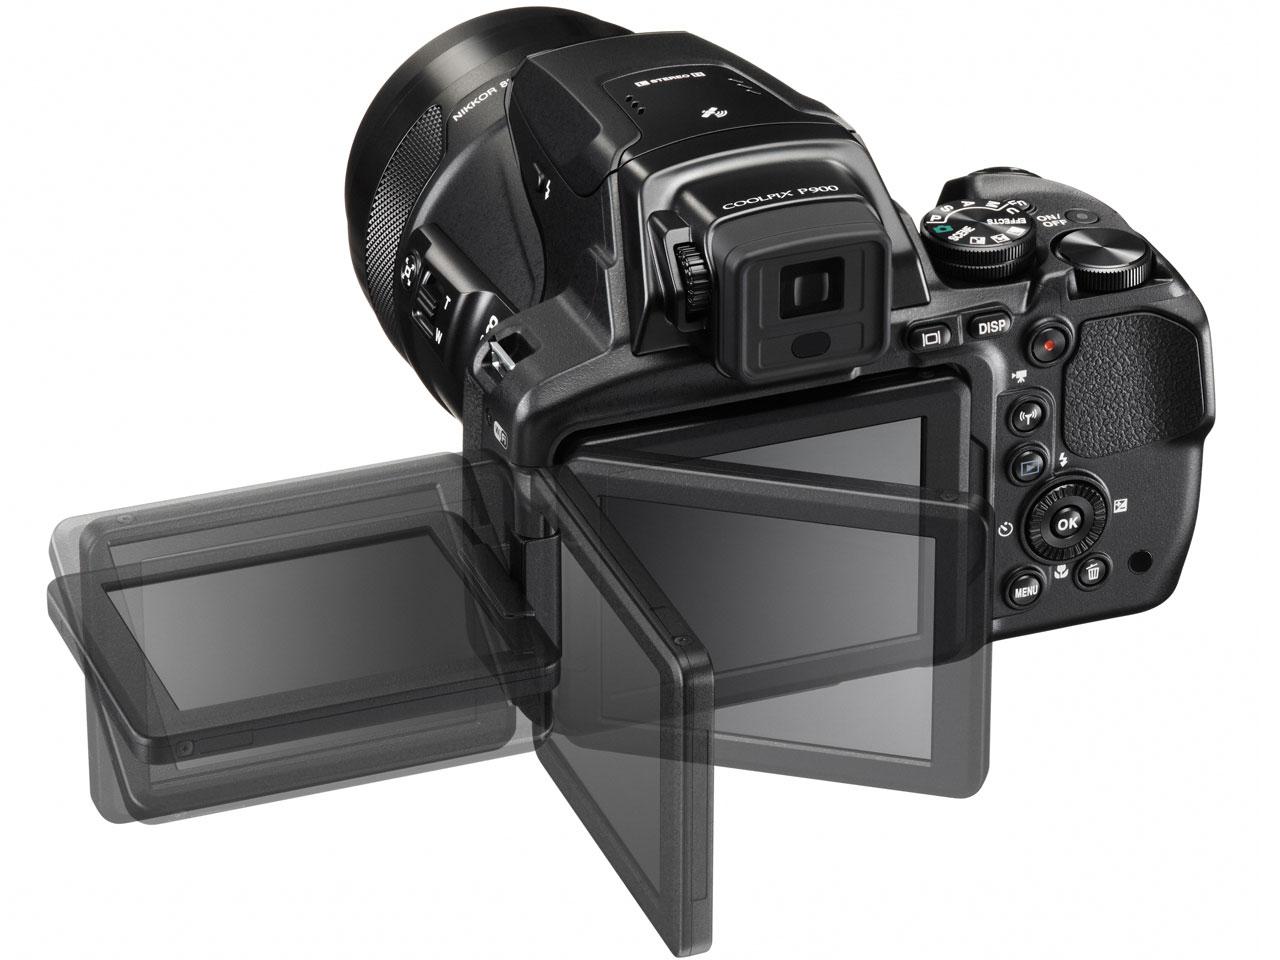 『本体 背面 バリアングル2』 COOLPIX P900 の製品画像